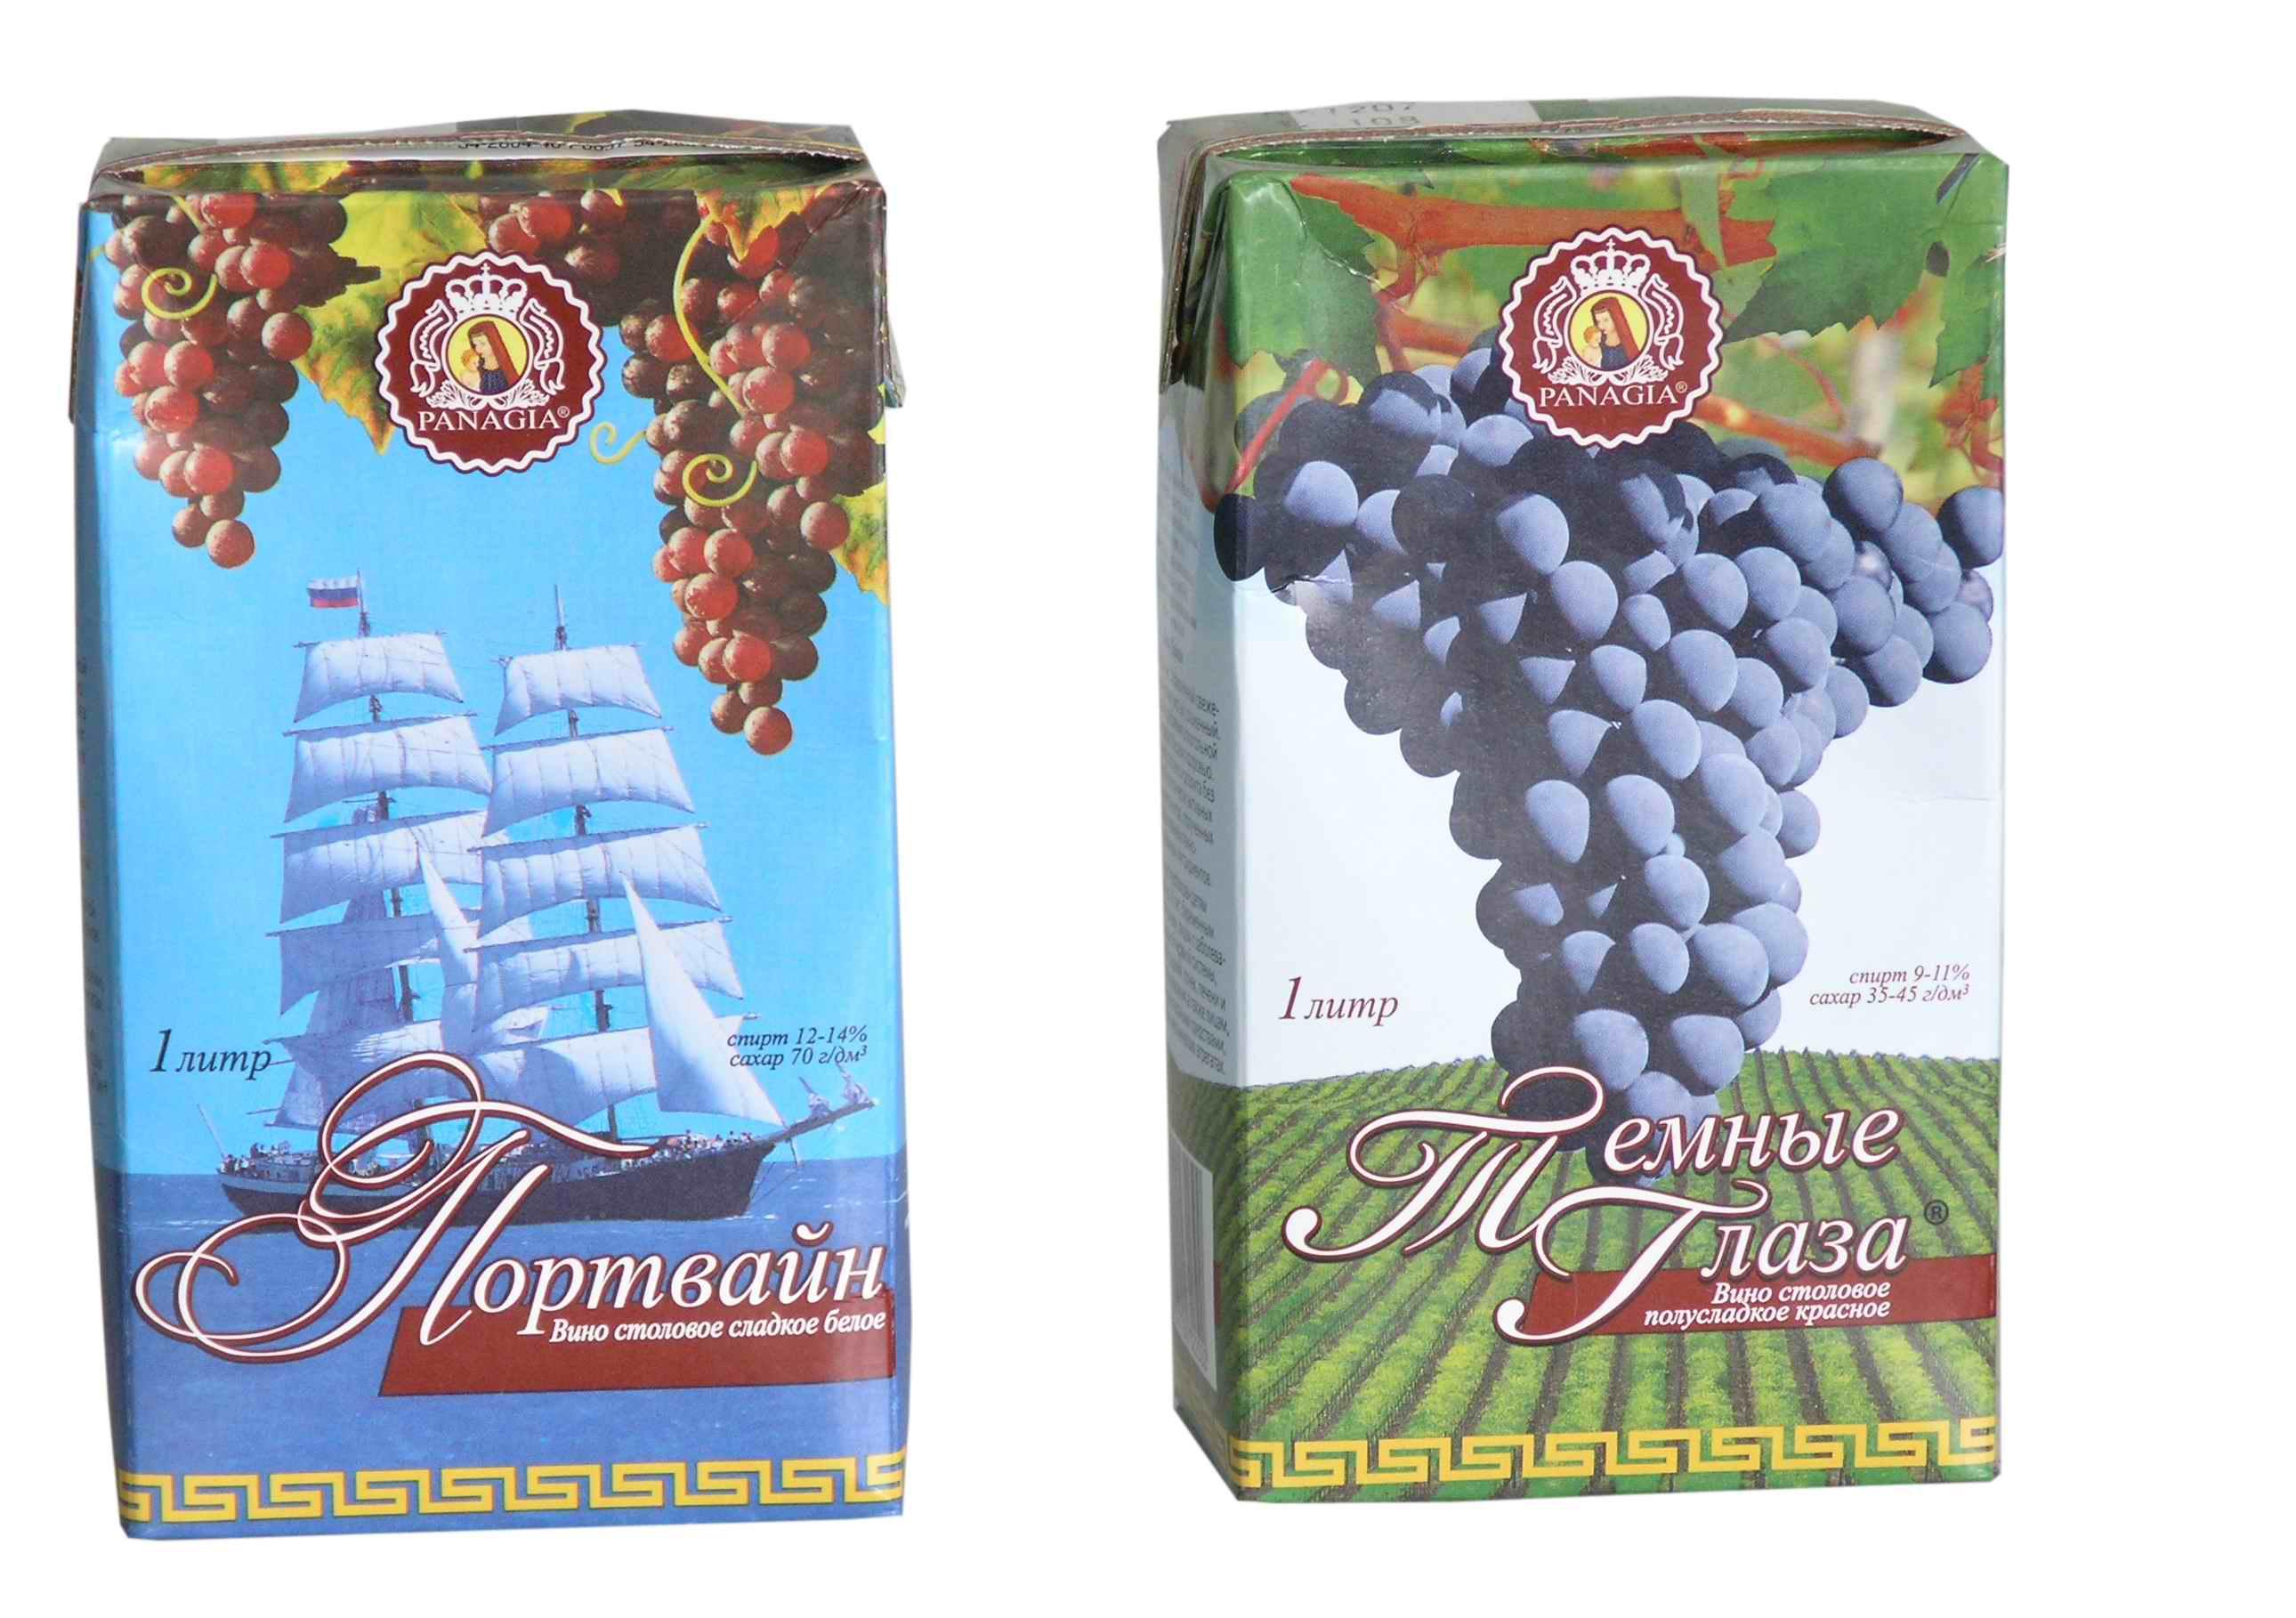 Вино в коробках - покупать или нет?